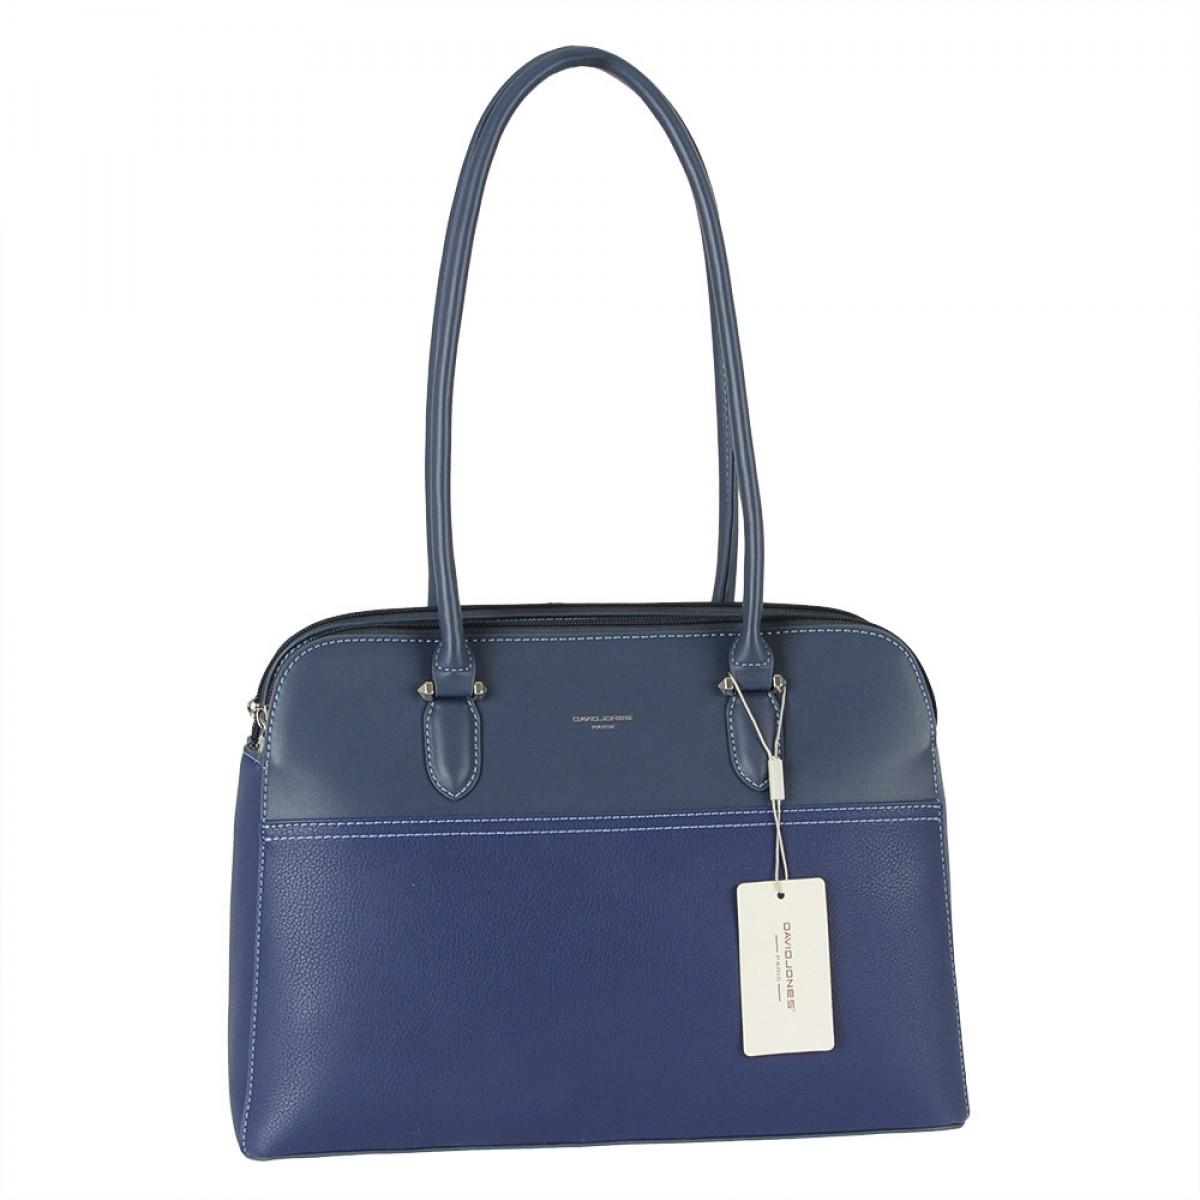 Жіноча сумка David Jones  6221-4 BLUE